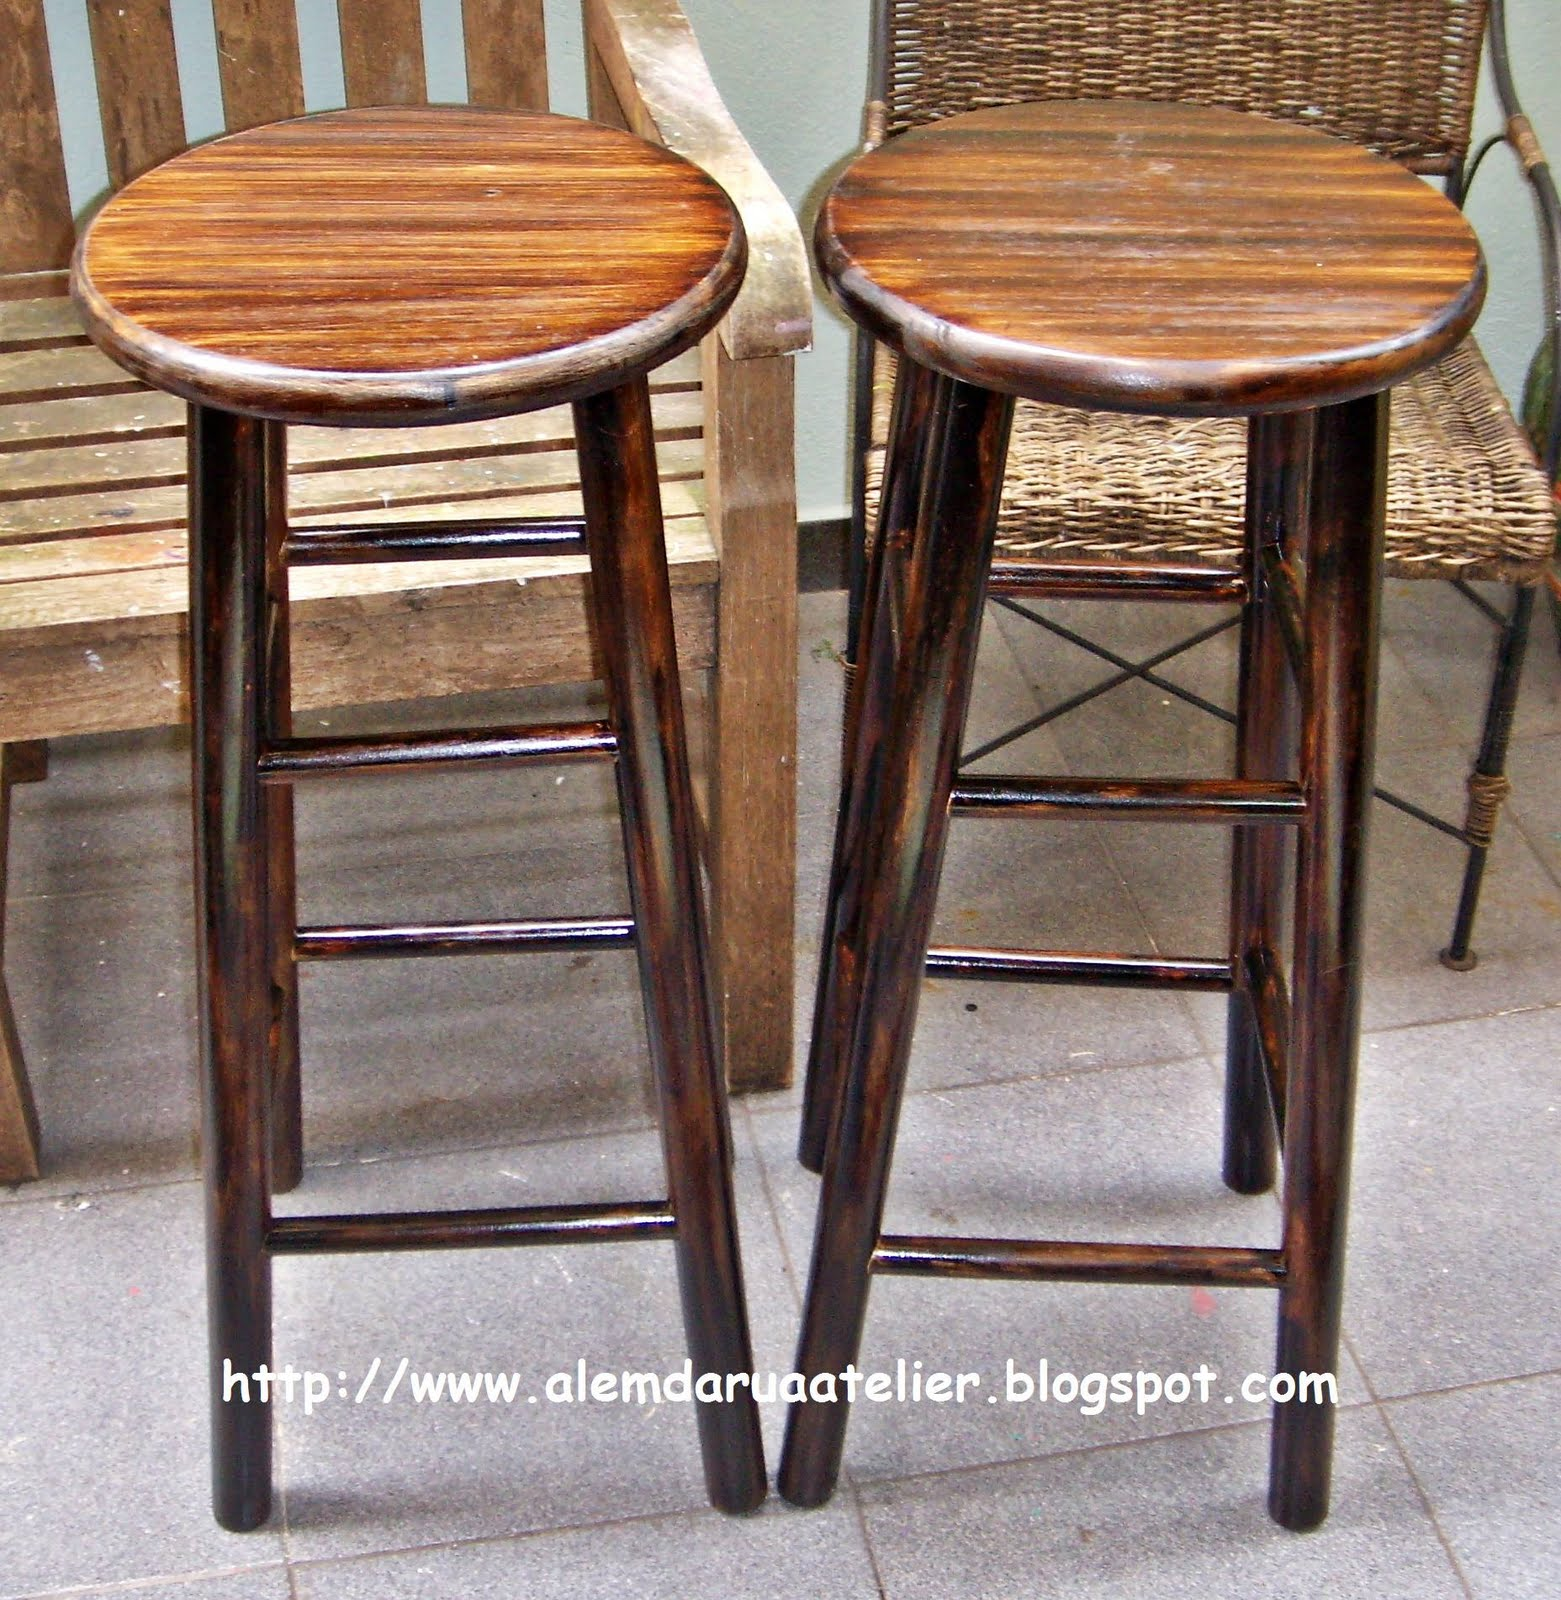 de móveis   pátina envelhecida em bancos de madeira2.JPG #9A5E31 1561x1600